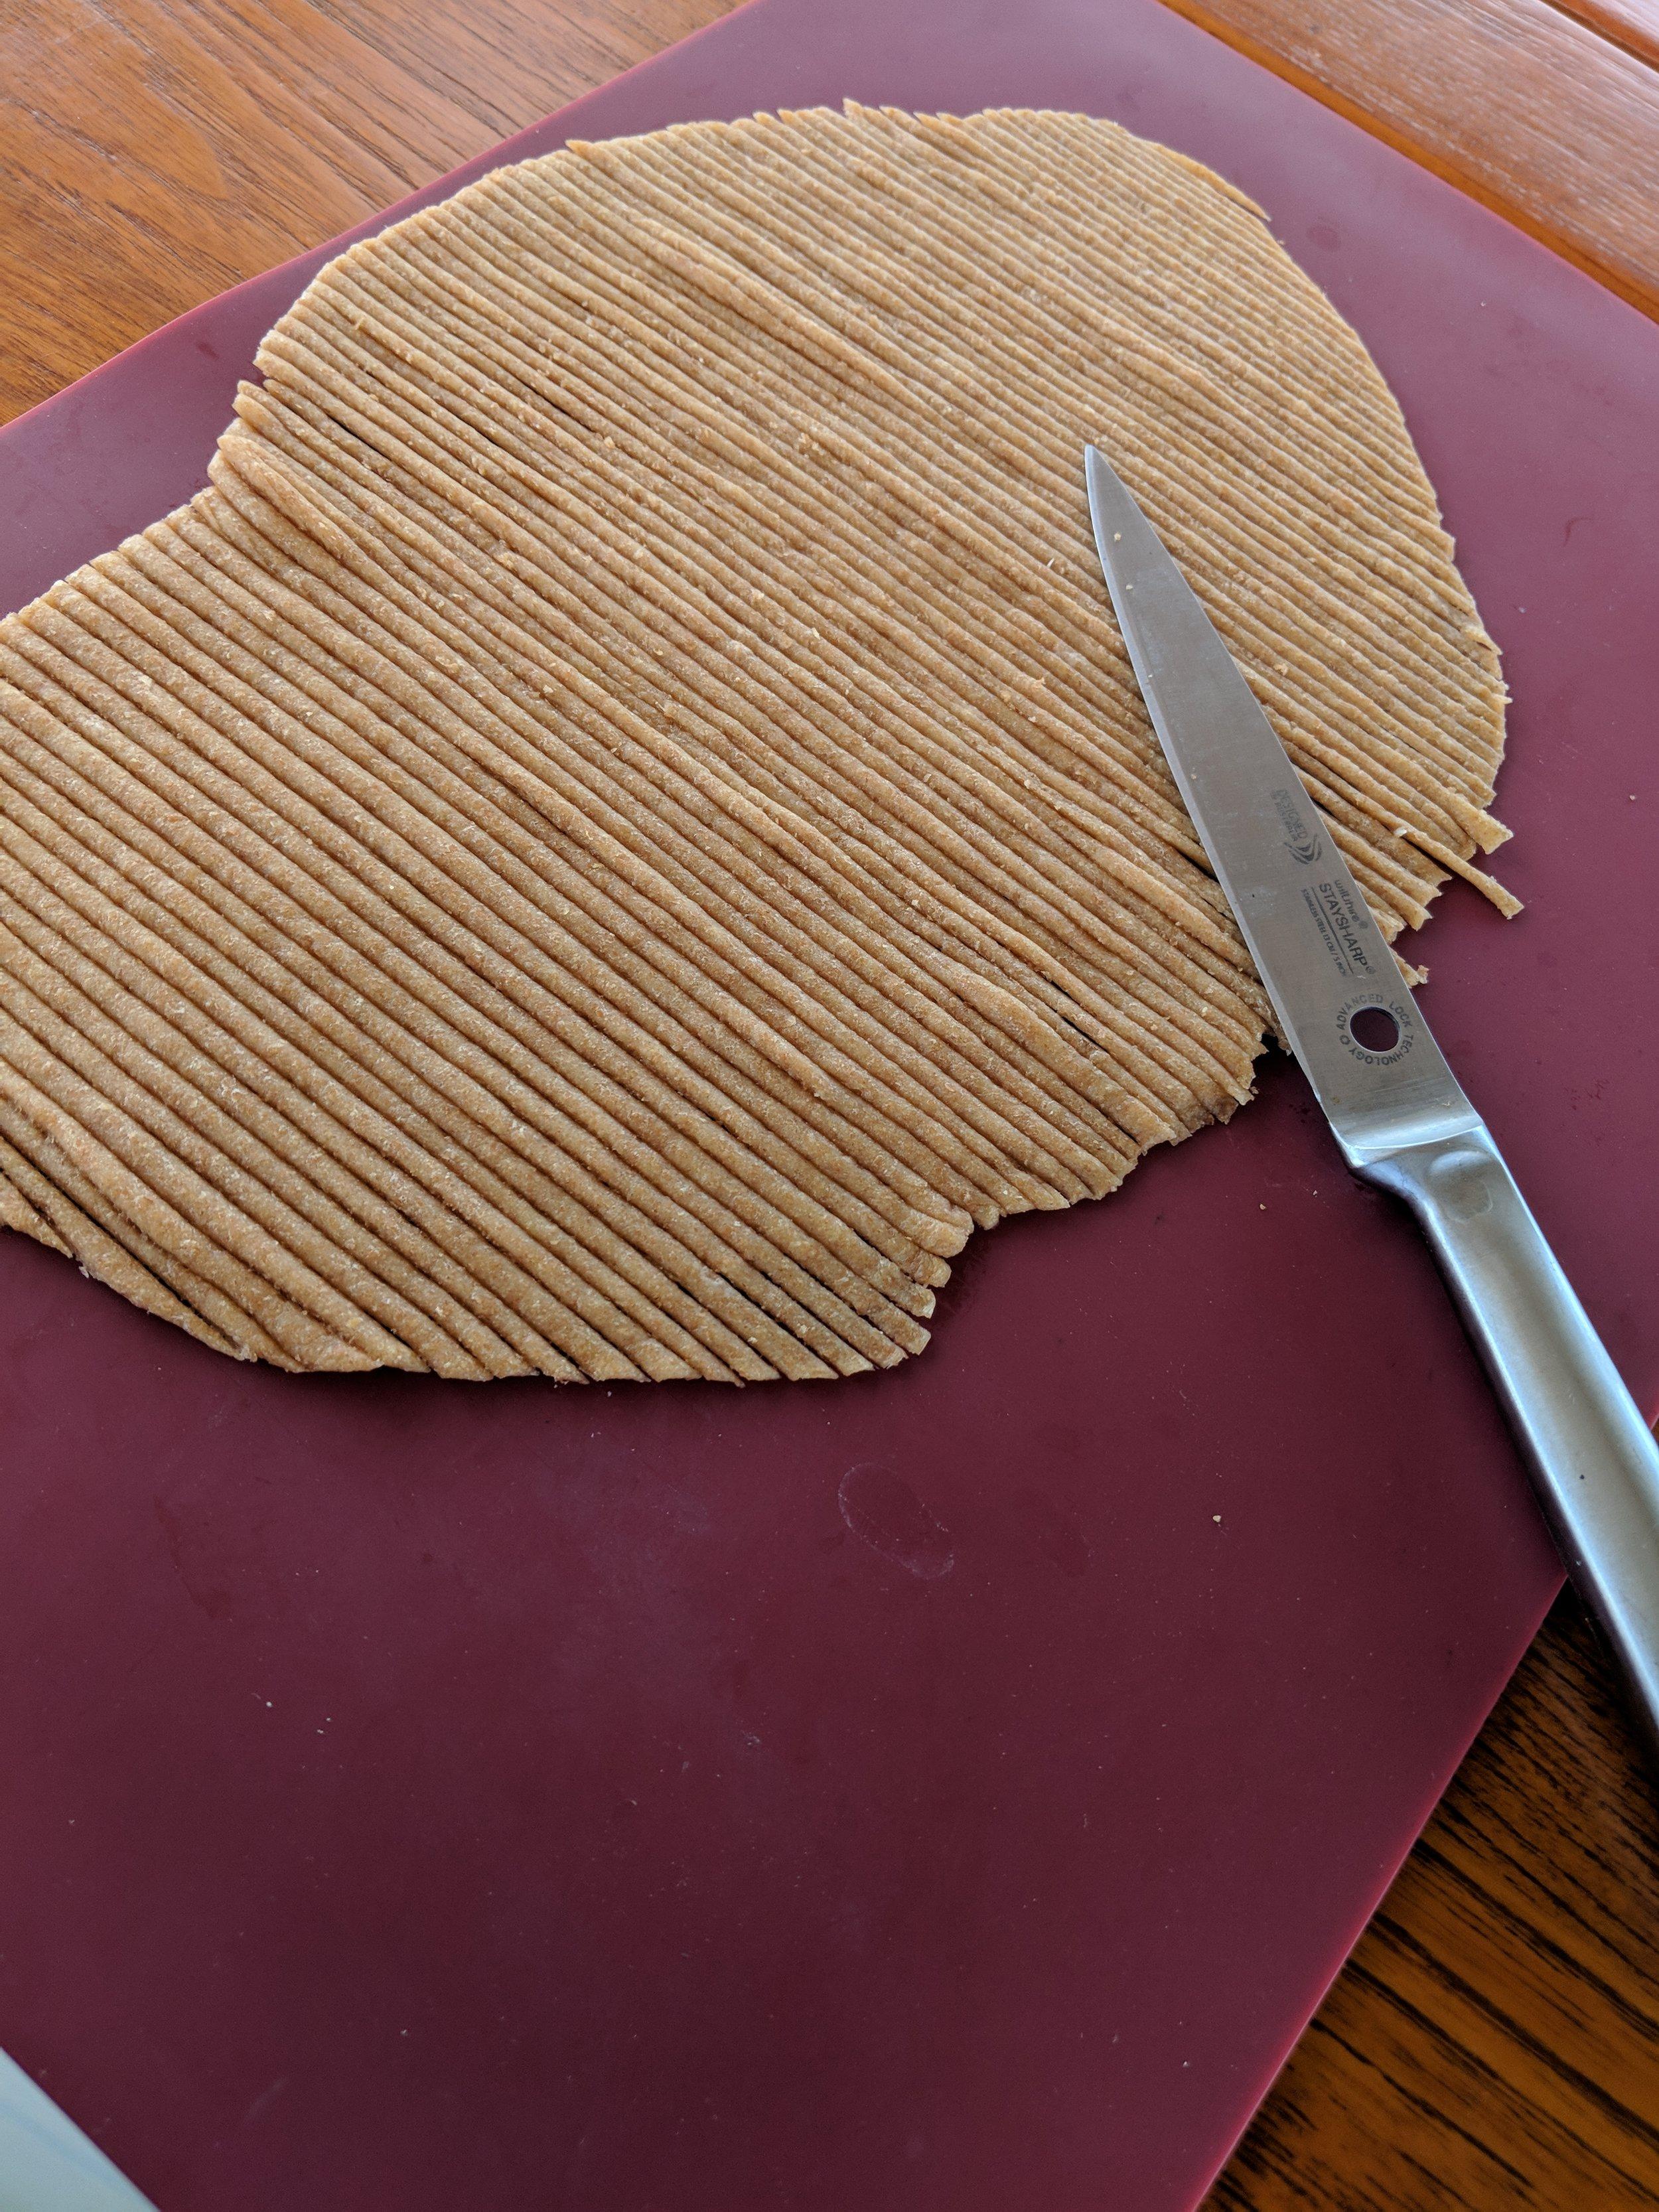 Pasta noodles prepped.